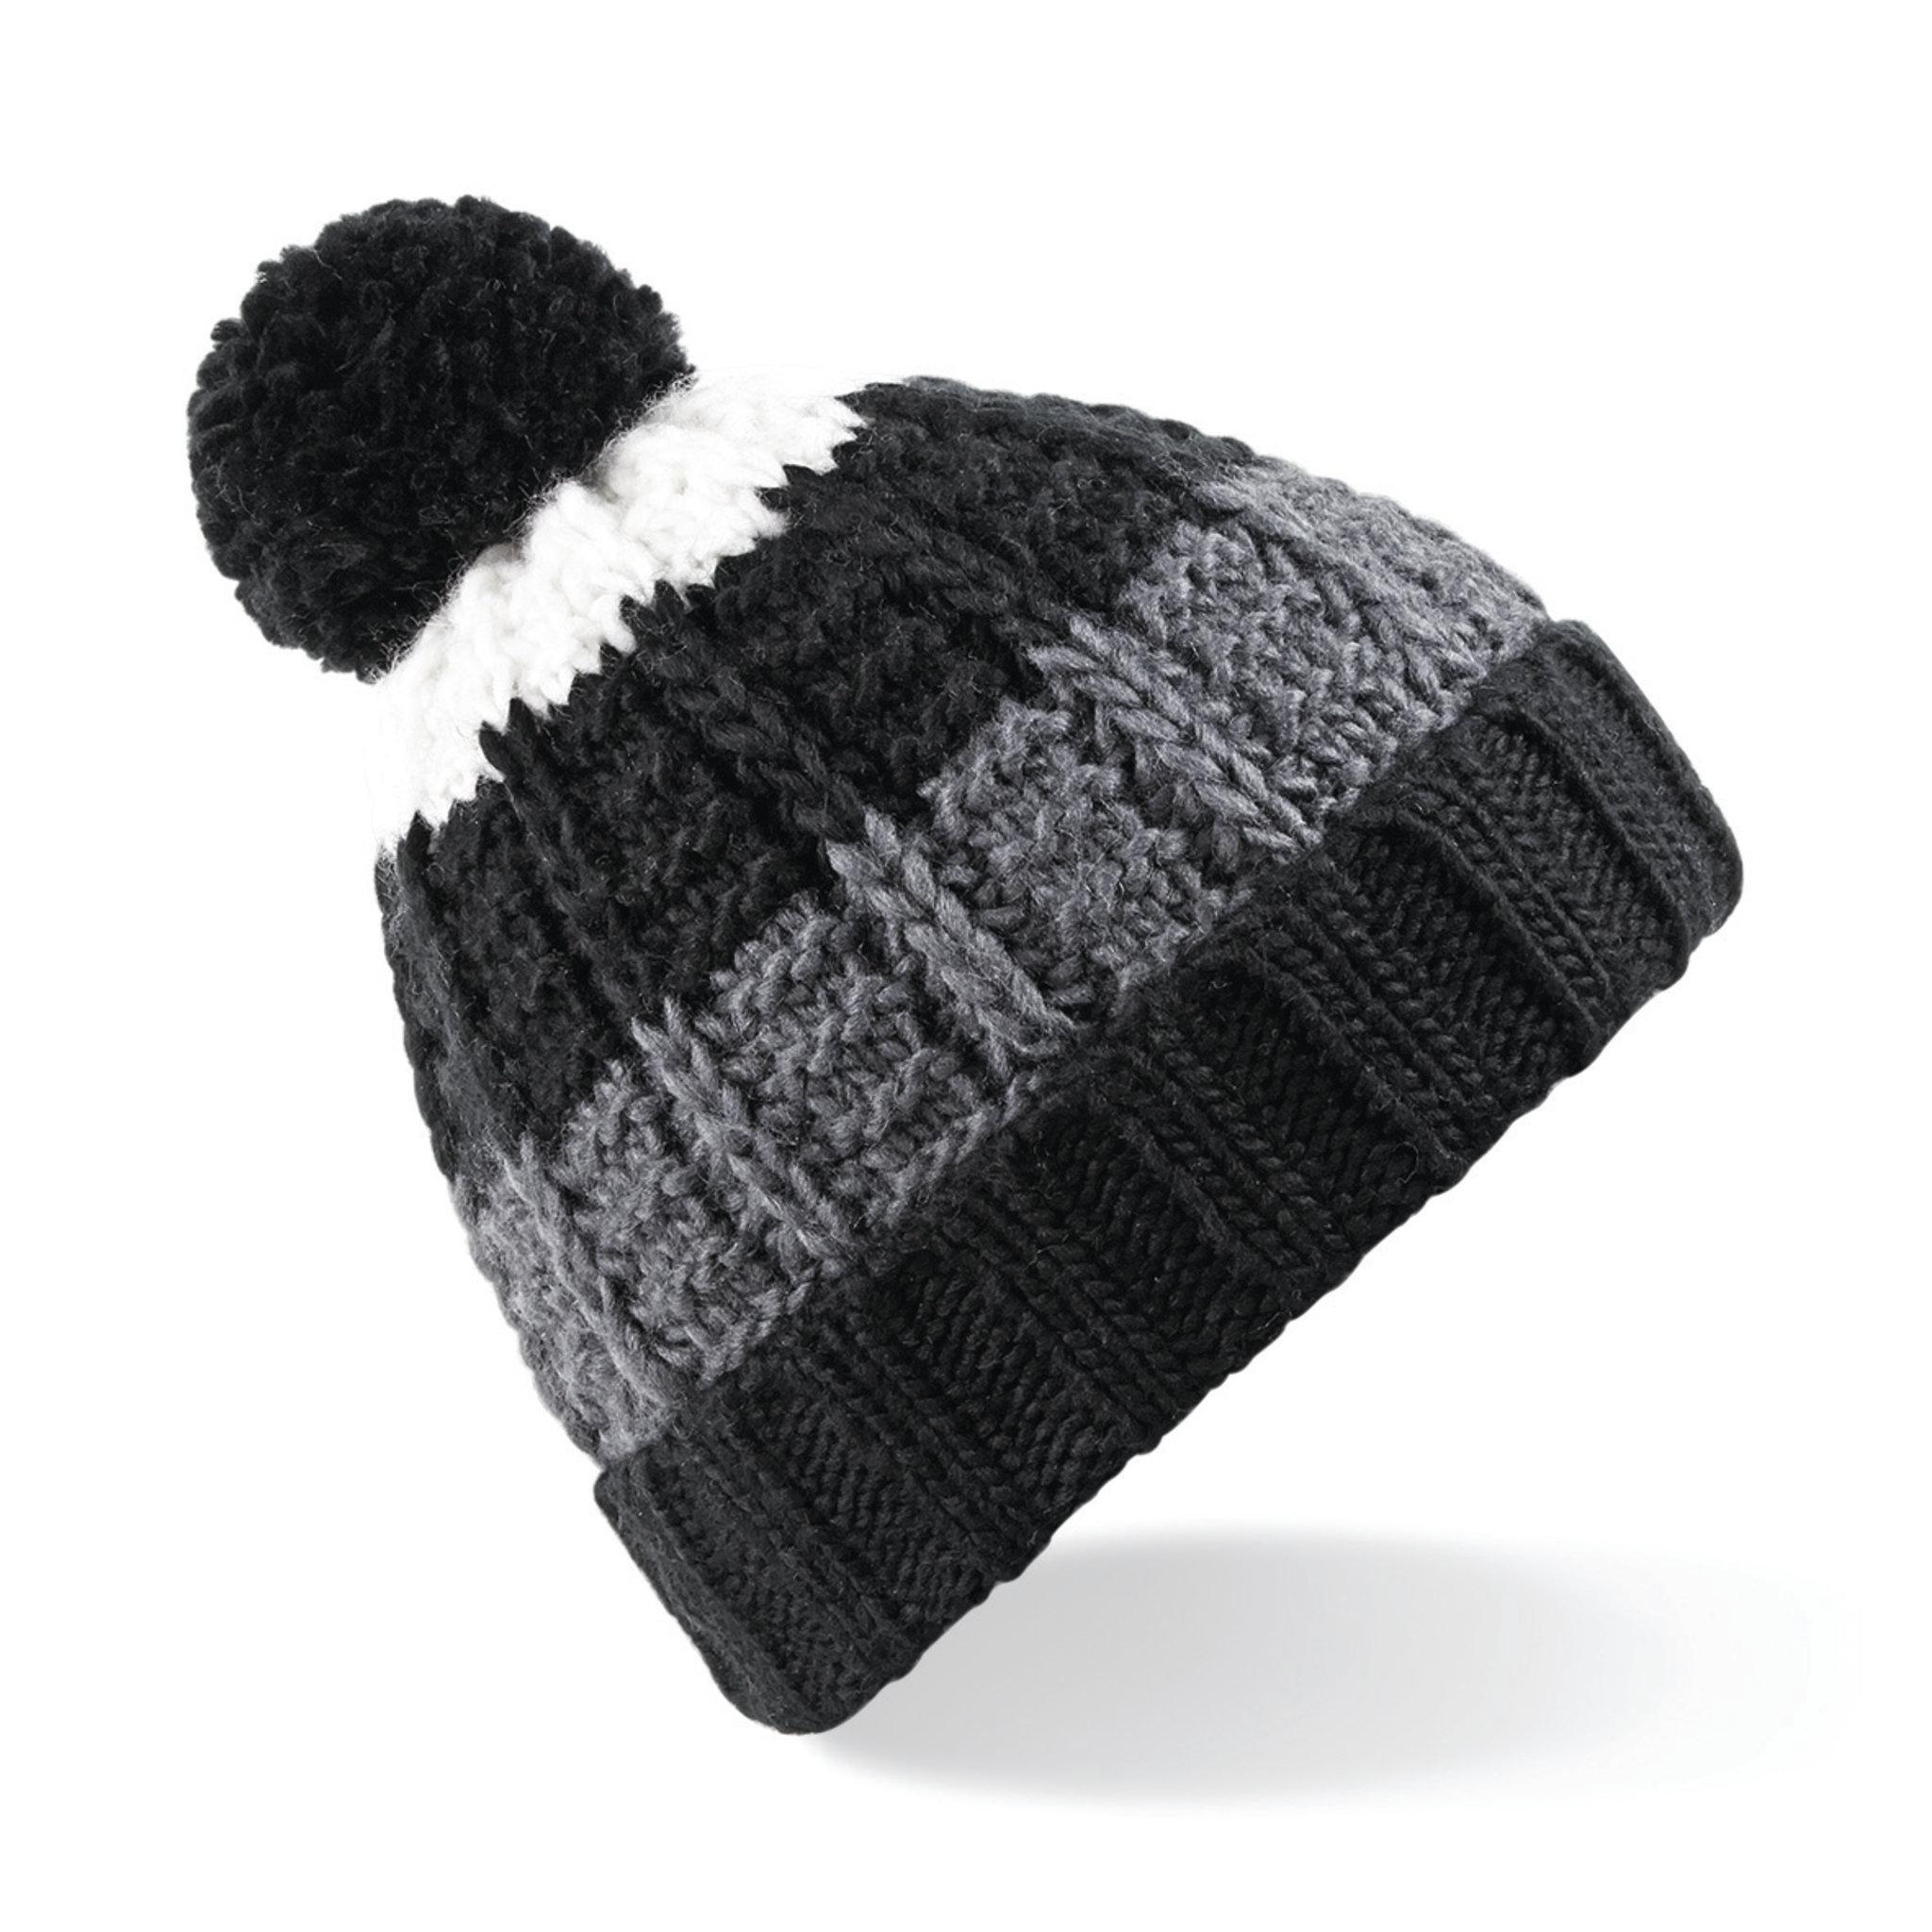 Bonnet promotionnel Chamonix - bonnet publicitaire corail/blanc/gris